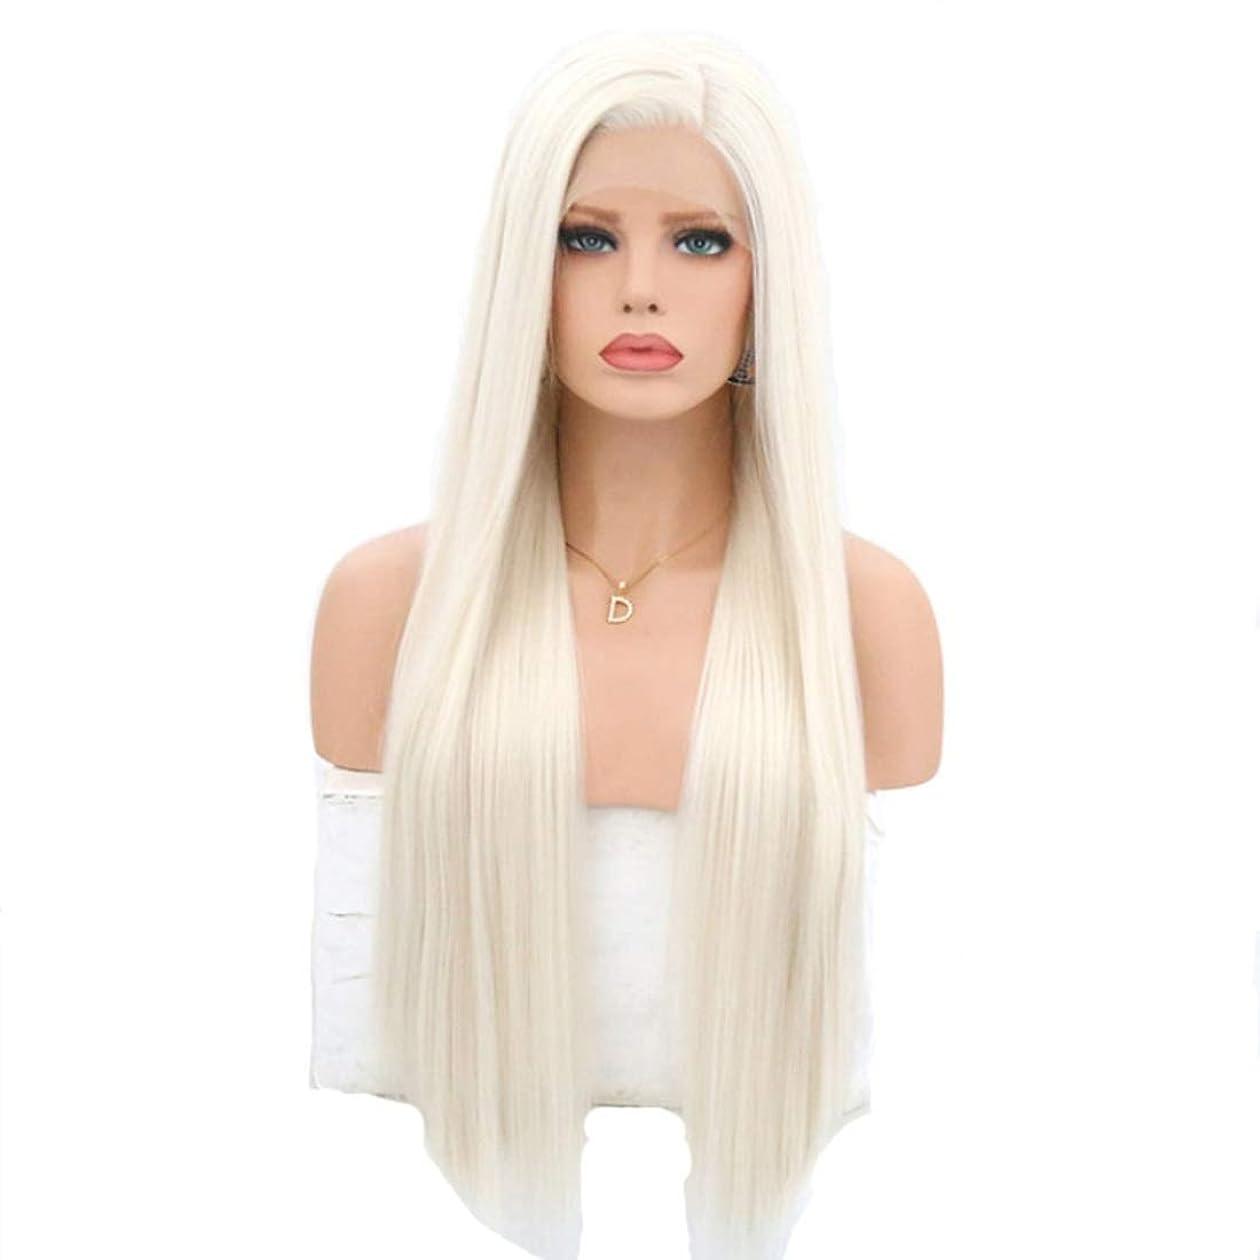 ゆでる帰るブラシSummerys 耐熱性女性用フロントレースかつらホワイトロングストレートケミカルファイバーウィッグ (Size : 22 inches)